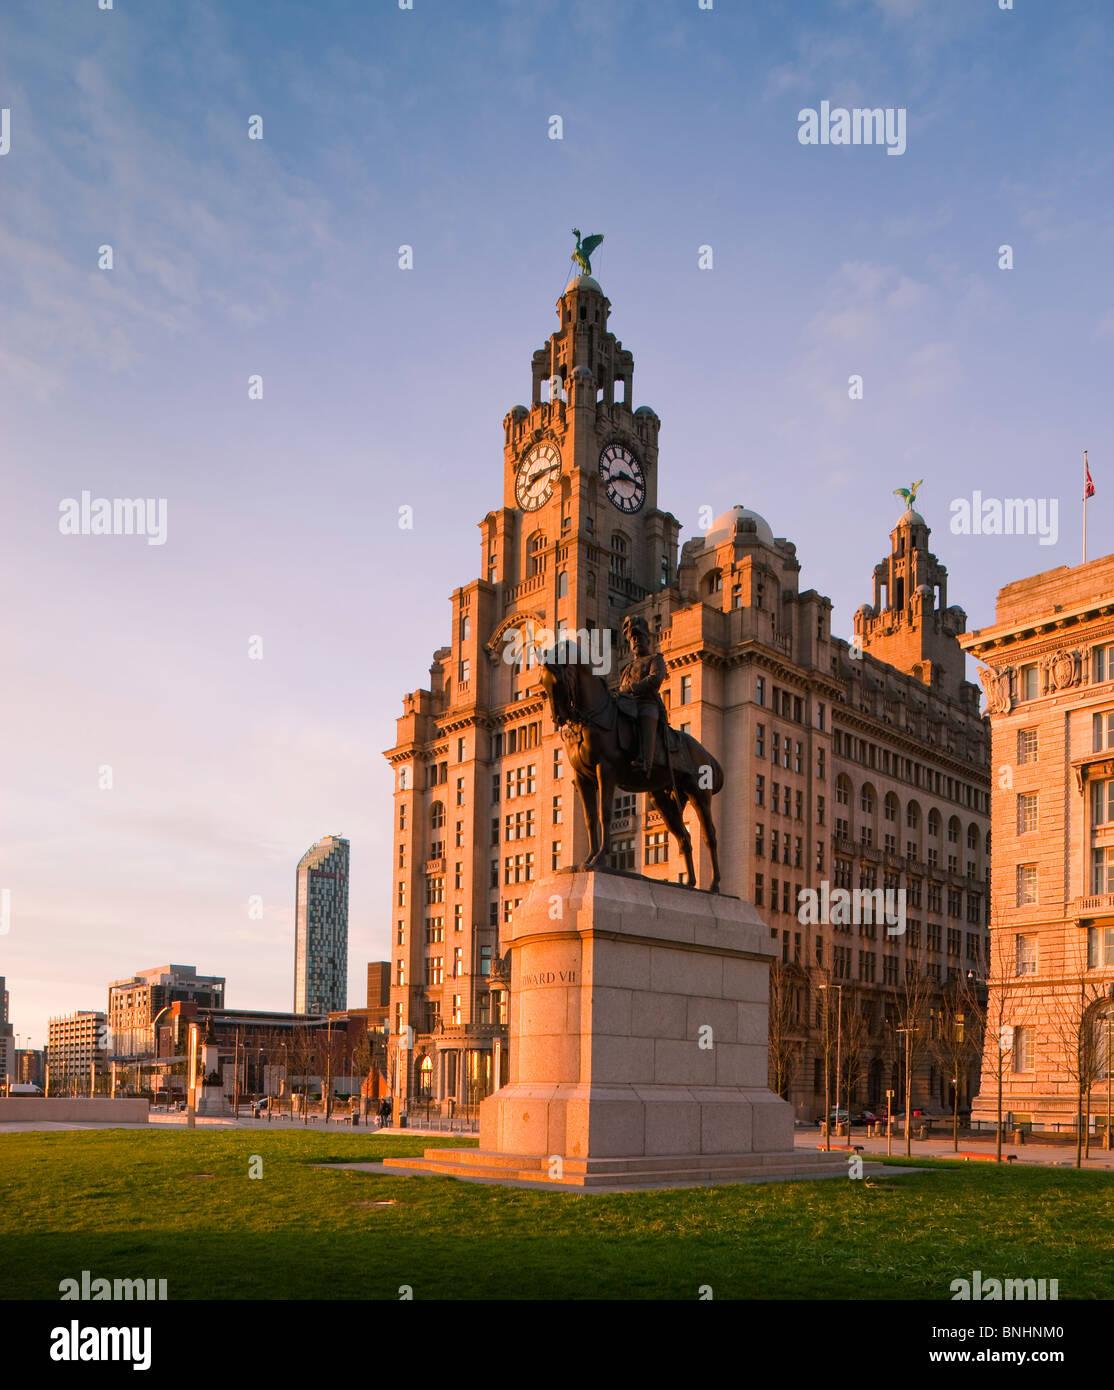 Il porto di Liverpool Cunard e fegato edifici comprendono le tre Grazie Liverpool England Immagini Stock